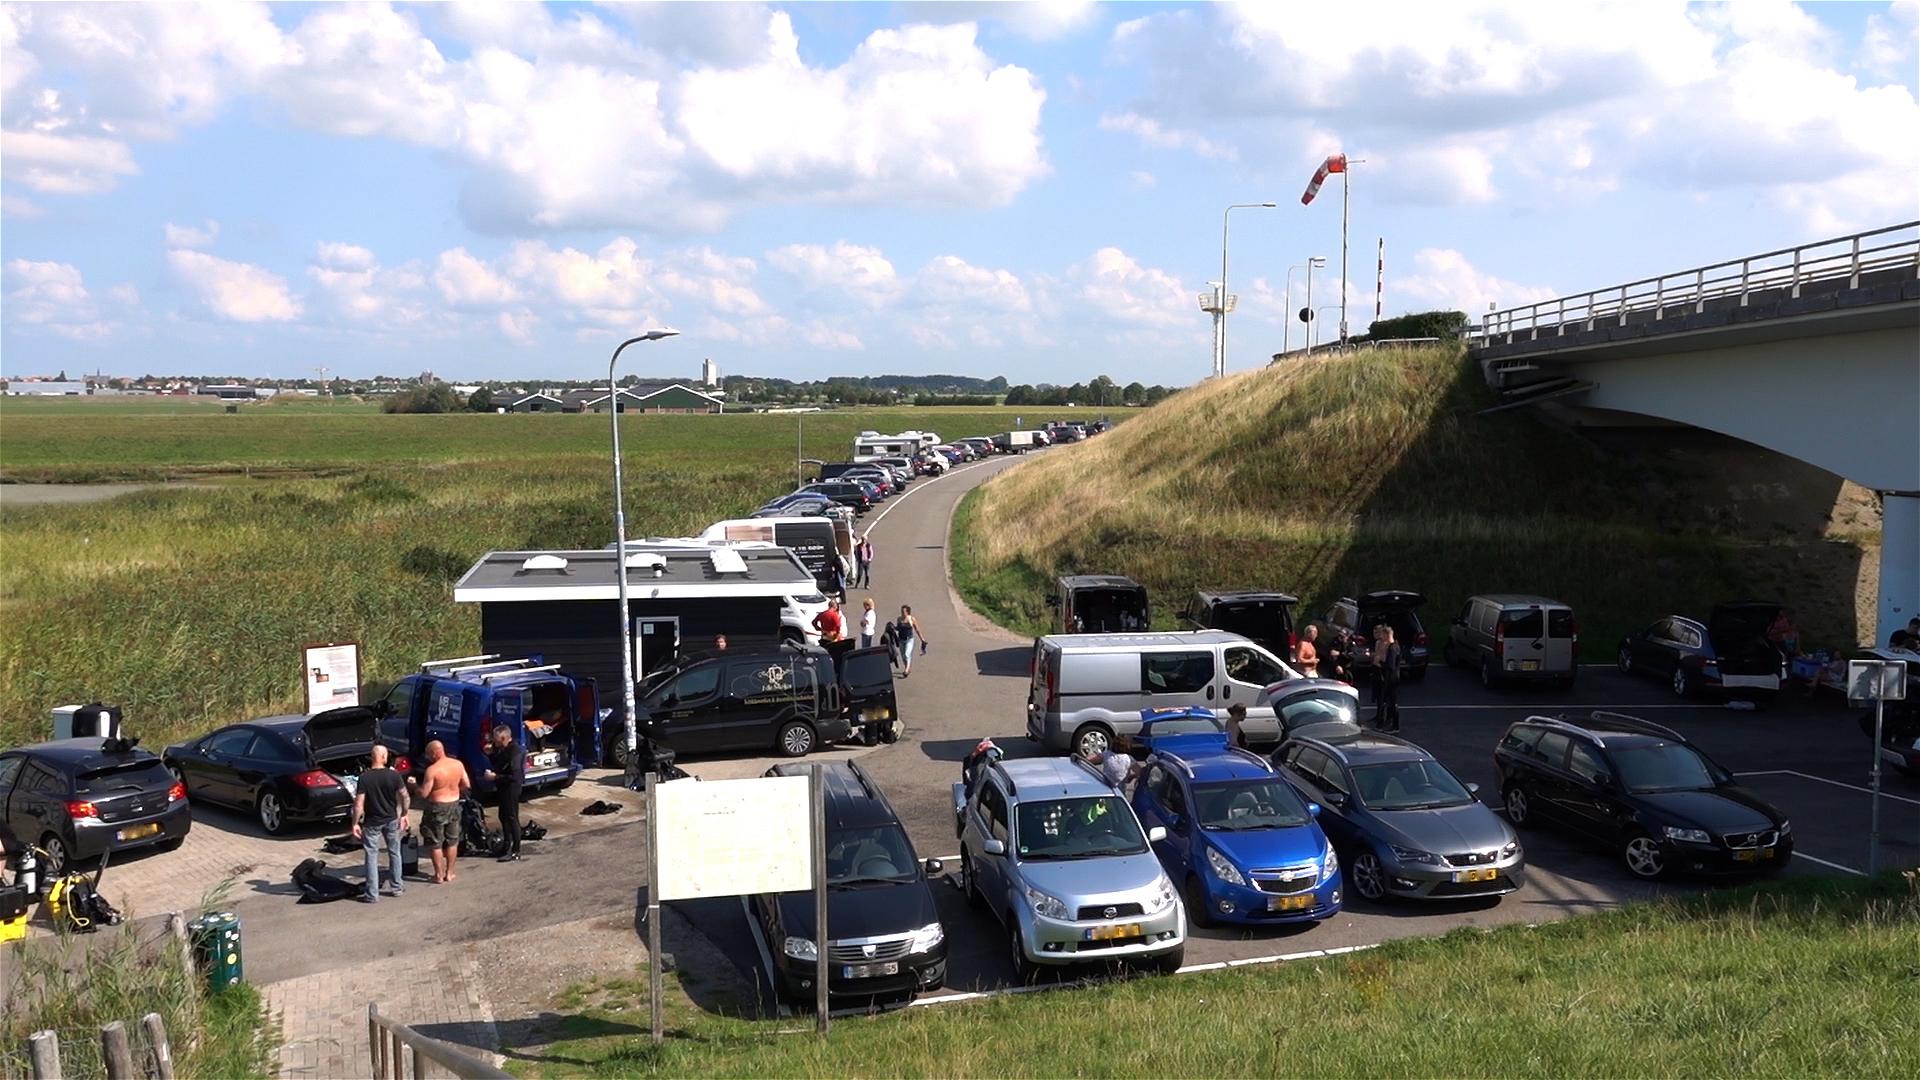 Dirk-Van-den-Bergh_20180901_deel-2-drukte-zeelandbrug-70574